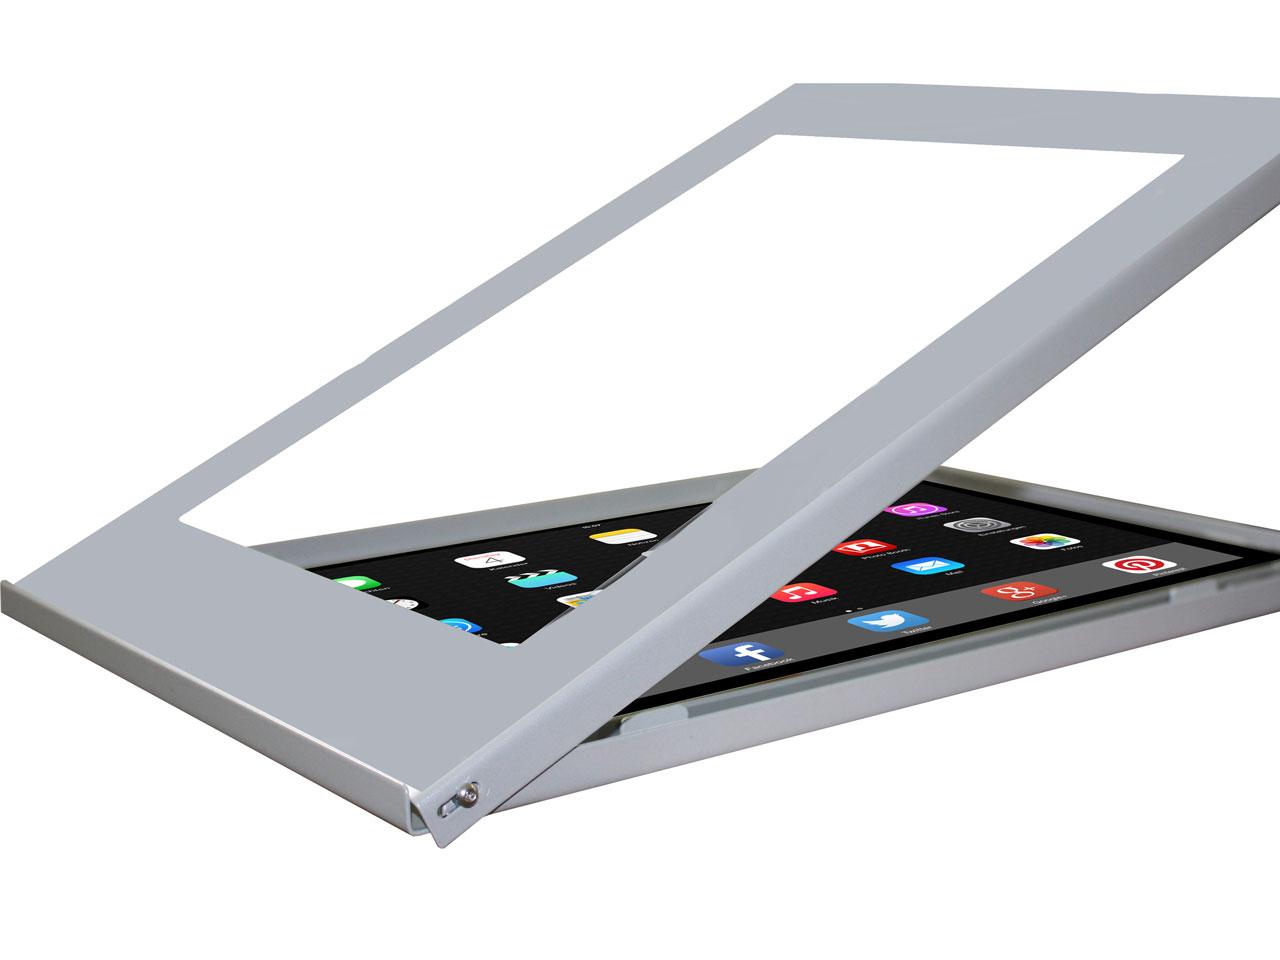 apple ipad pro 12 9 zoll diebstahl schutzgeh use mit schloss g nstig kaufen cmb systeme. Black Bedroom Furniture Sets. Home Design Ideas